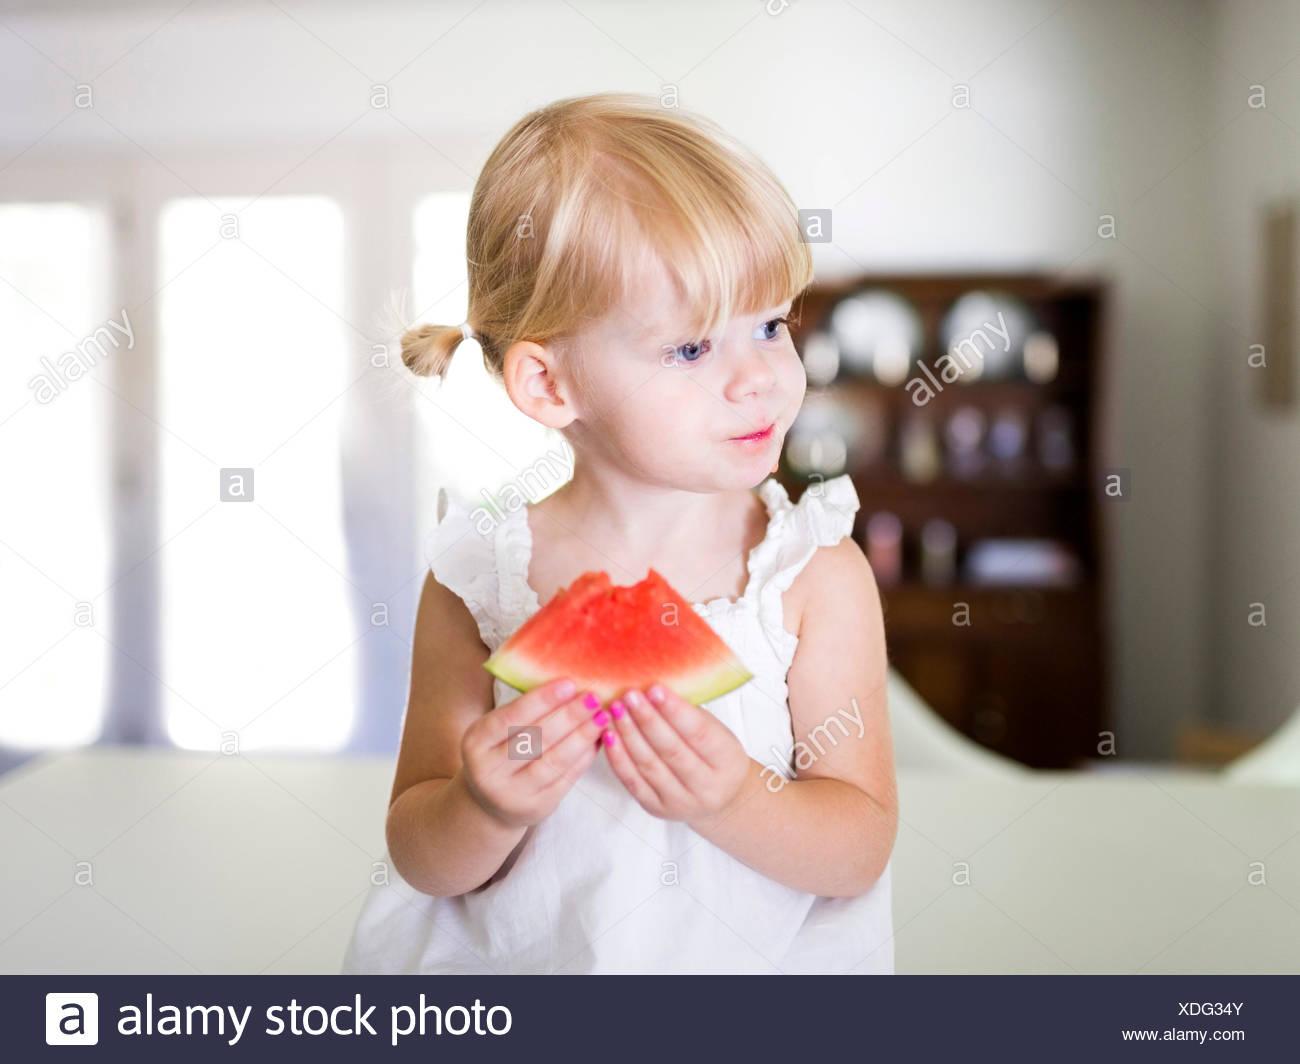 Ritratto di ragazza (2-3) mangiare anguria Immagini Stock